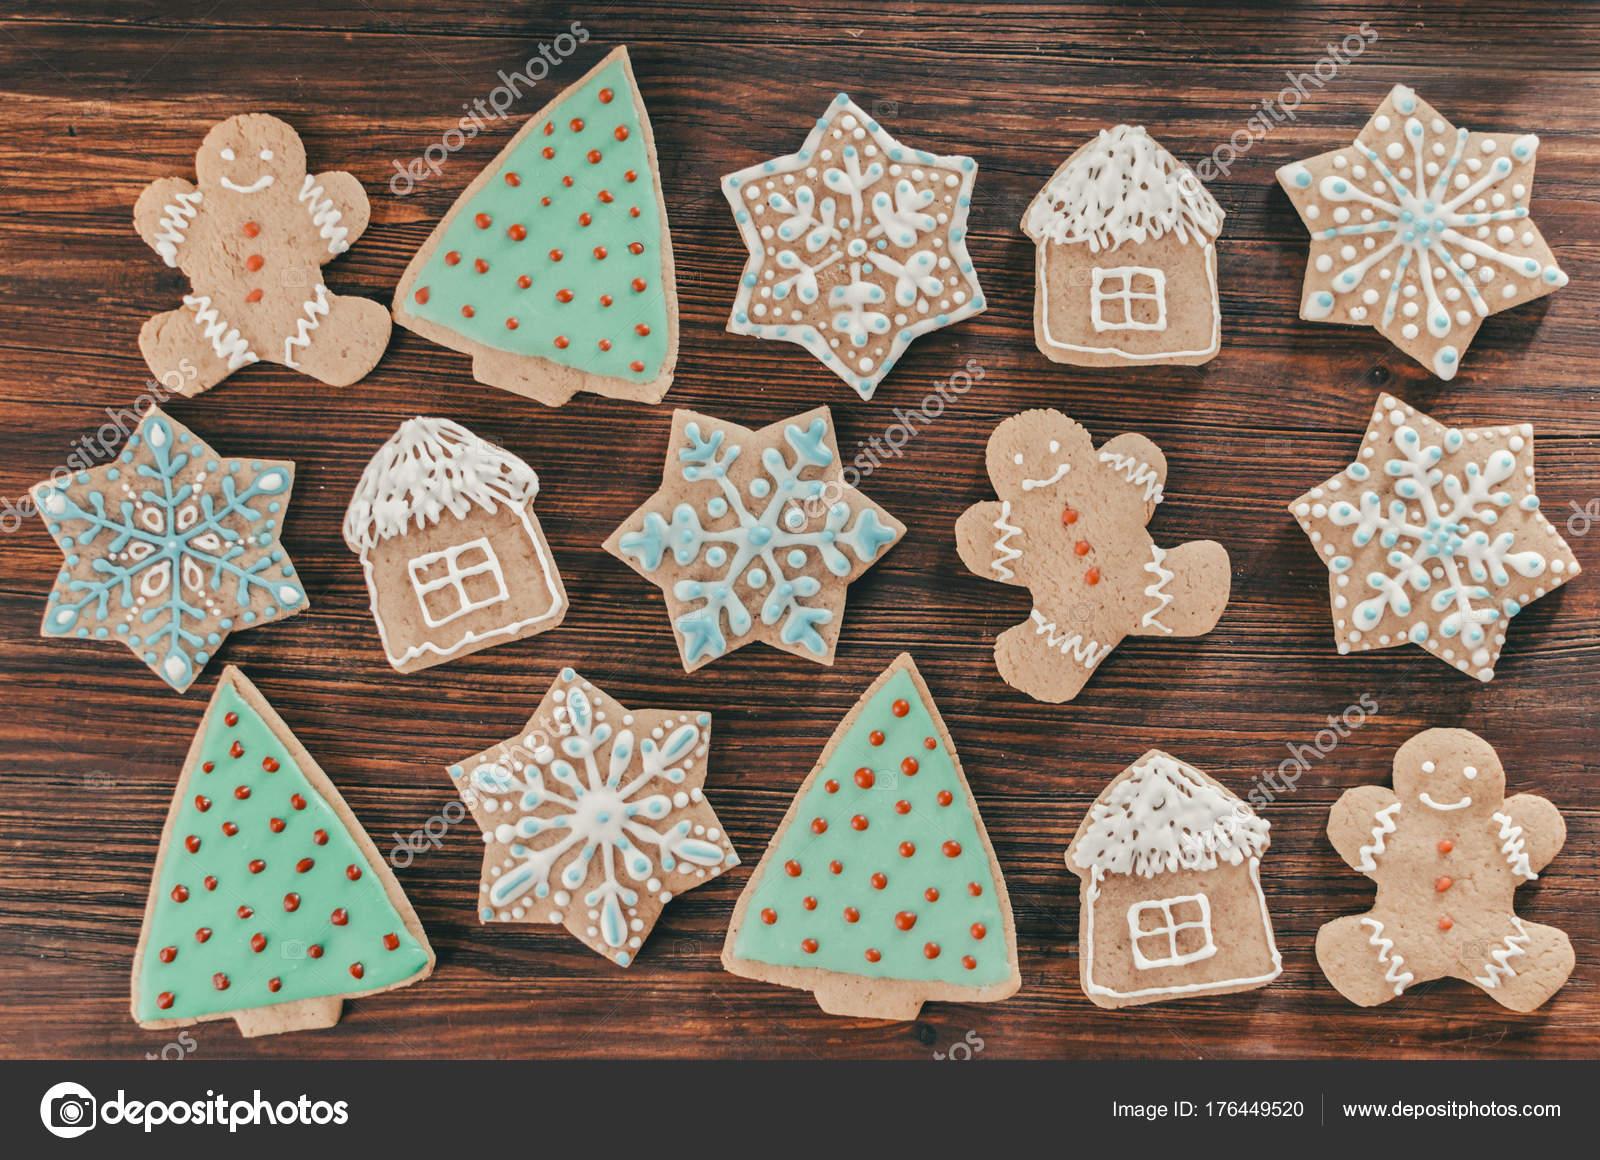 Biscotti Allo Zenzero Di Natale.Biscotti Allo Zenzero Di Natale Foto Stock C Jangobeat 176449520